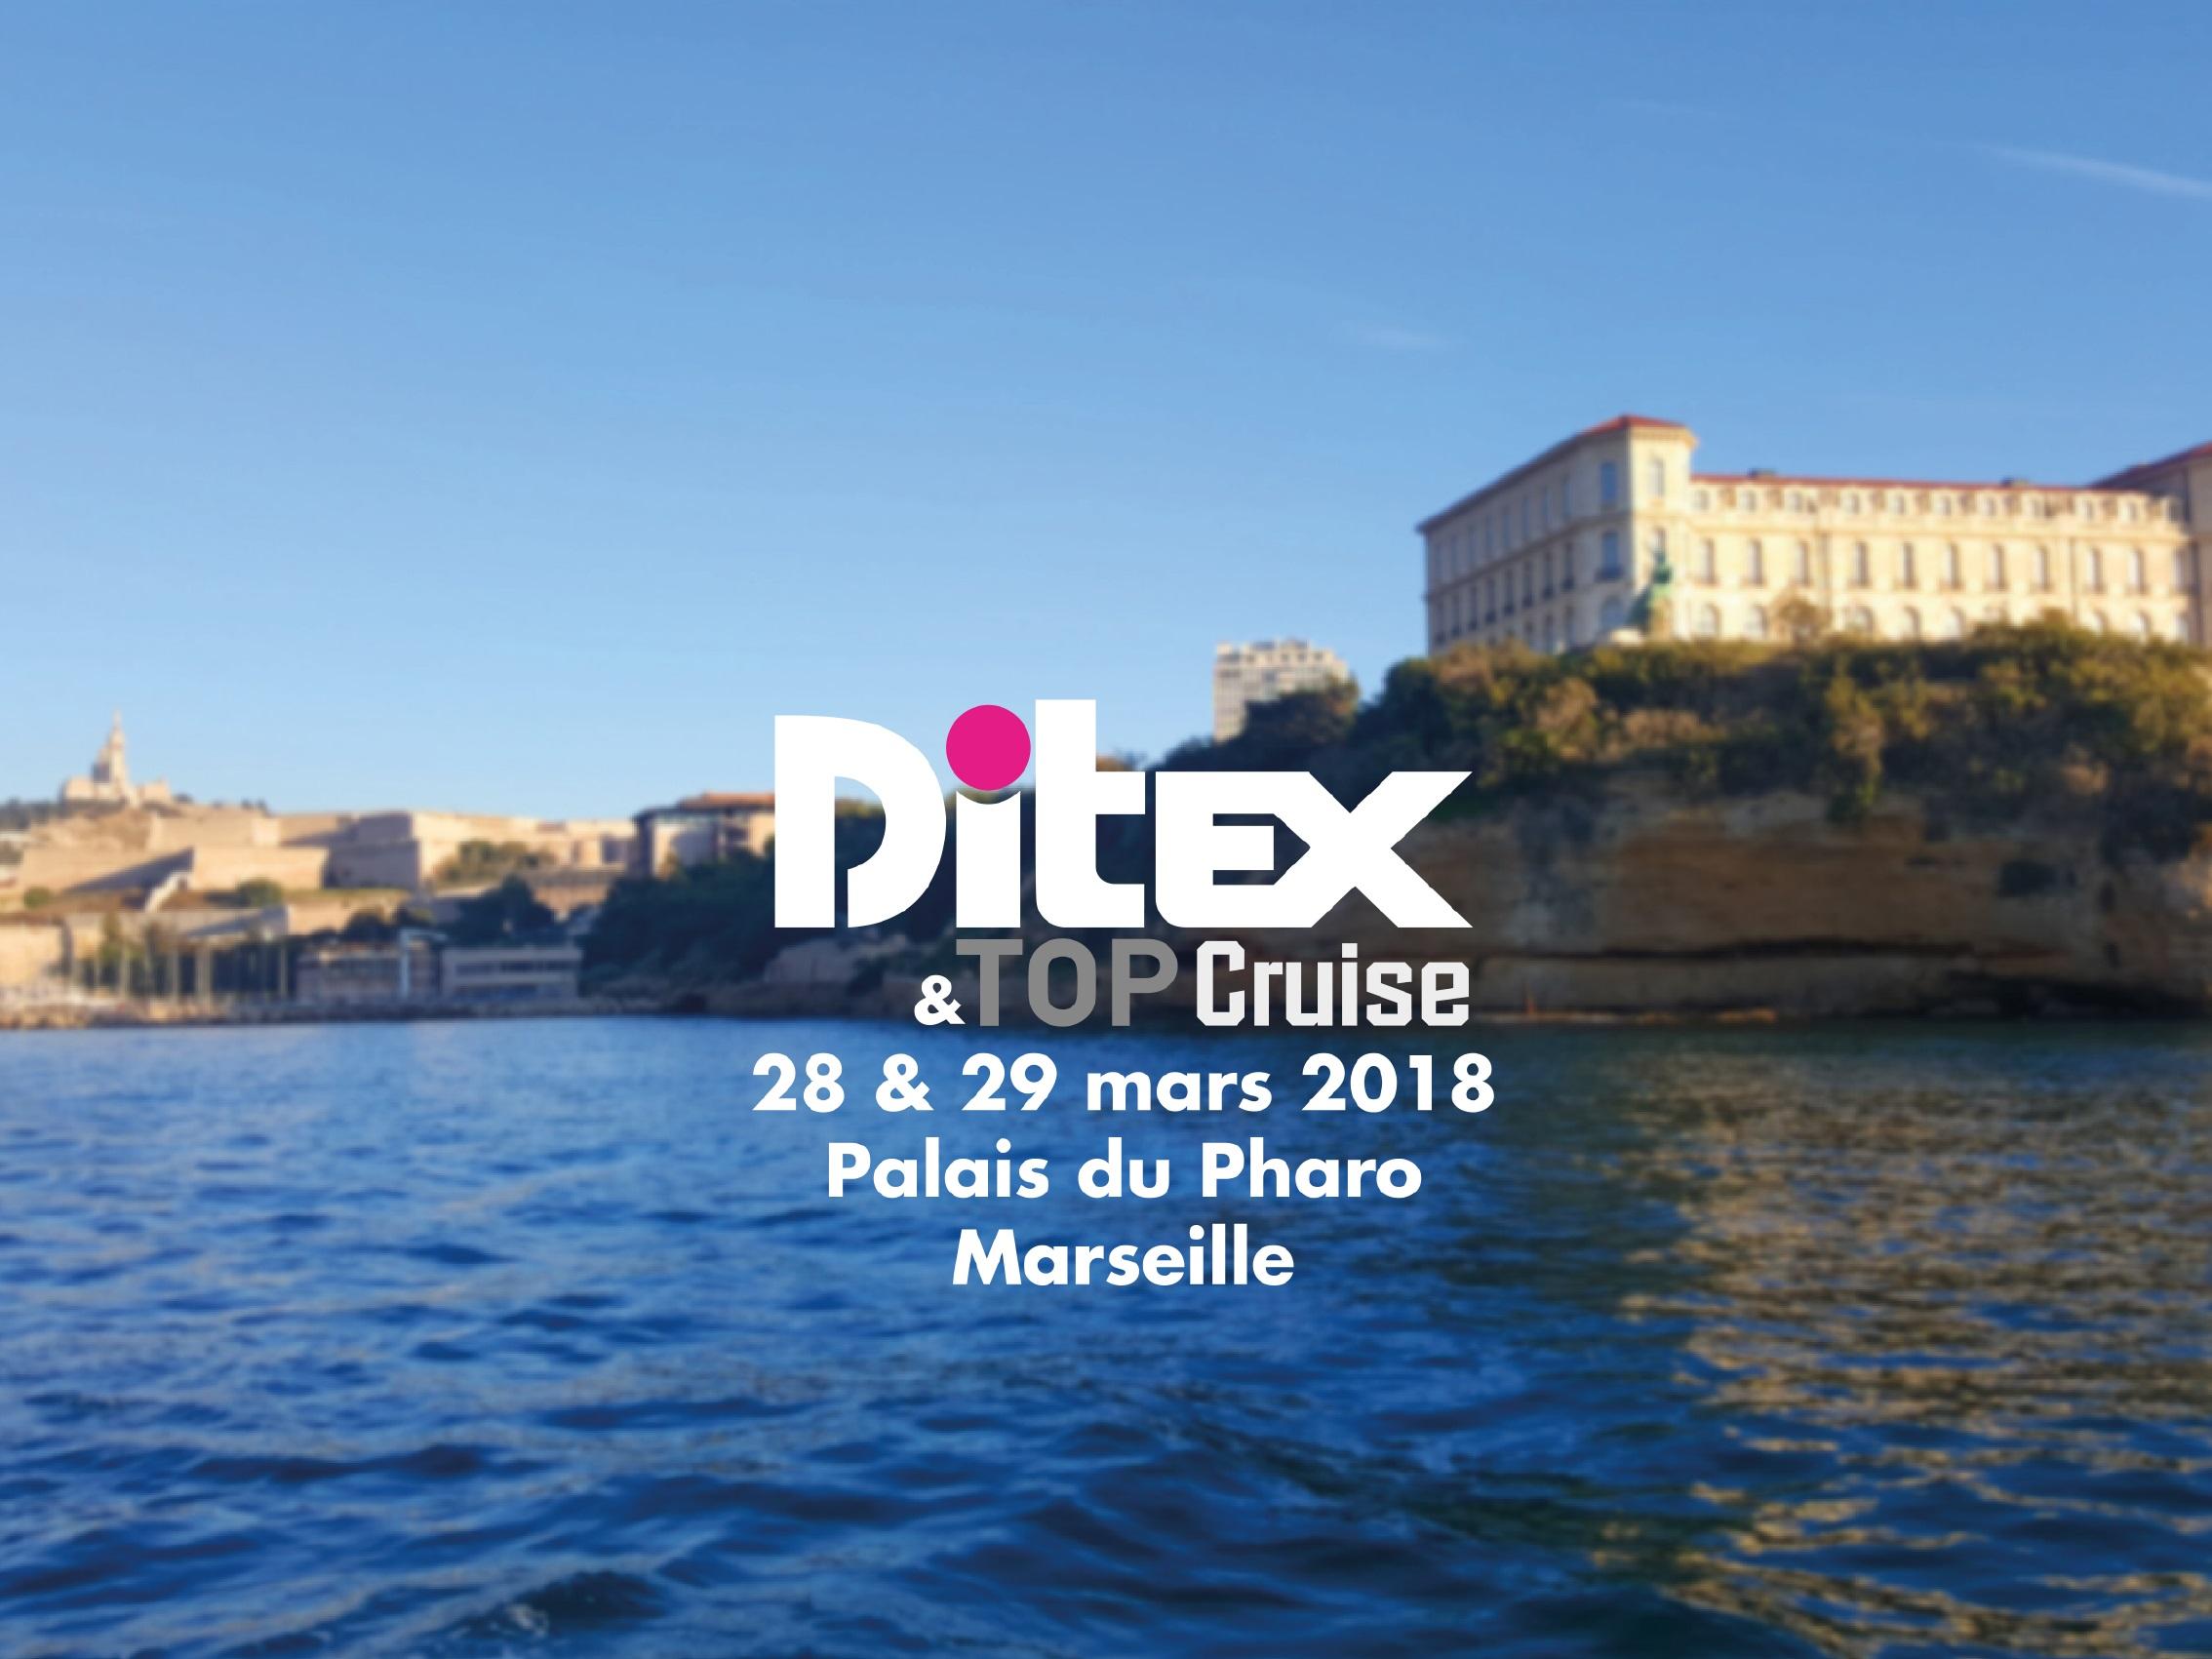 Le Ditex se tiendra au Palais du Pharo les 28 et 29 mars 2018 - CLIQUEZ POUR VOIR LA FICHE PRODUIT DR : TourMaG.com